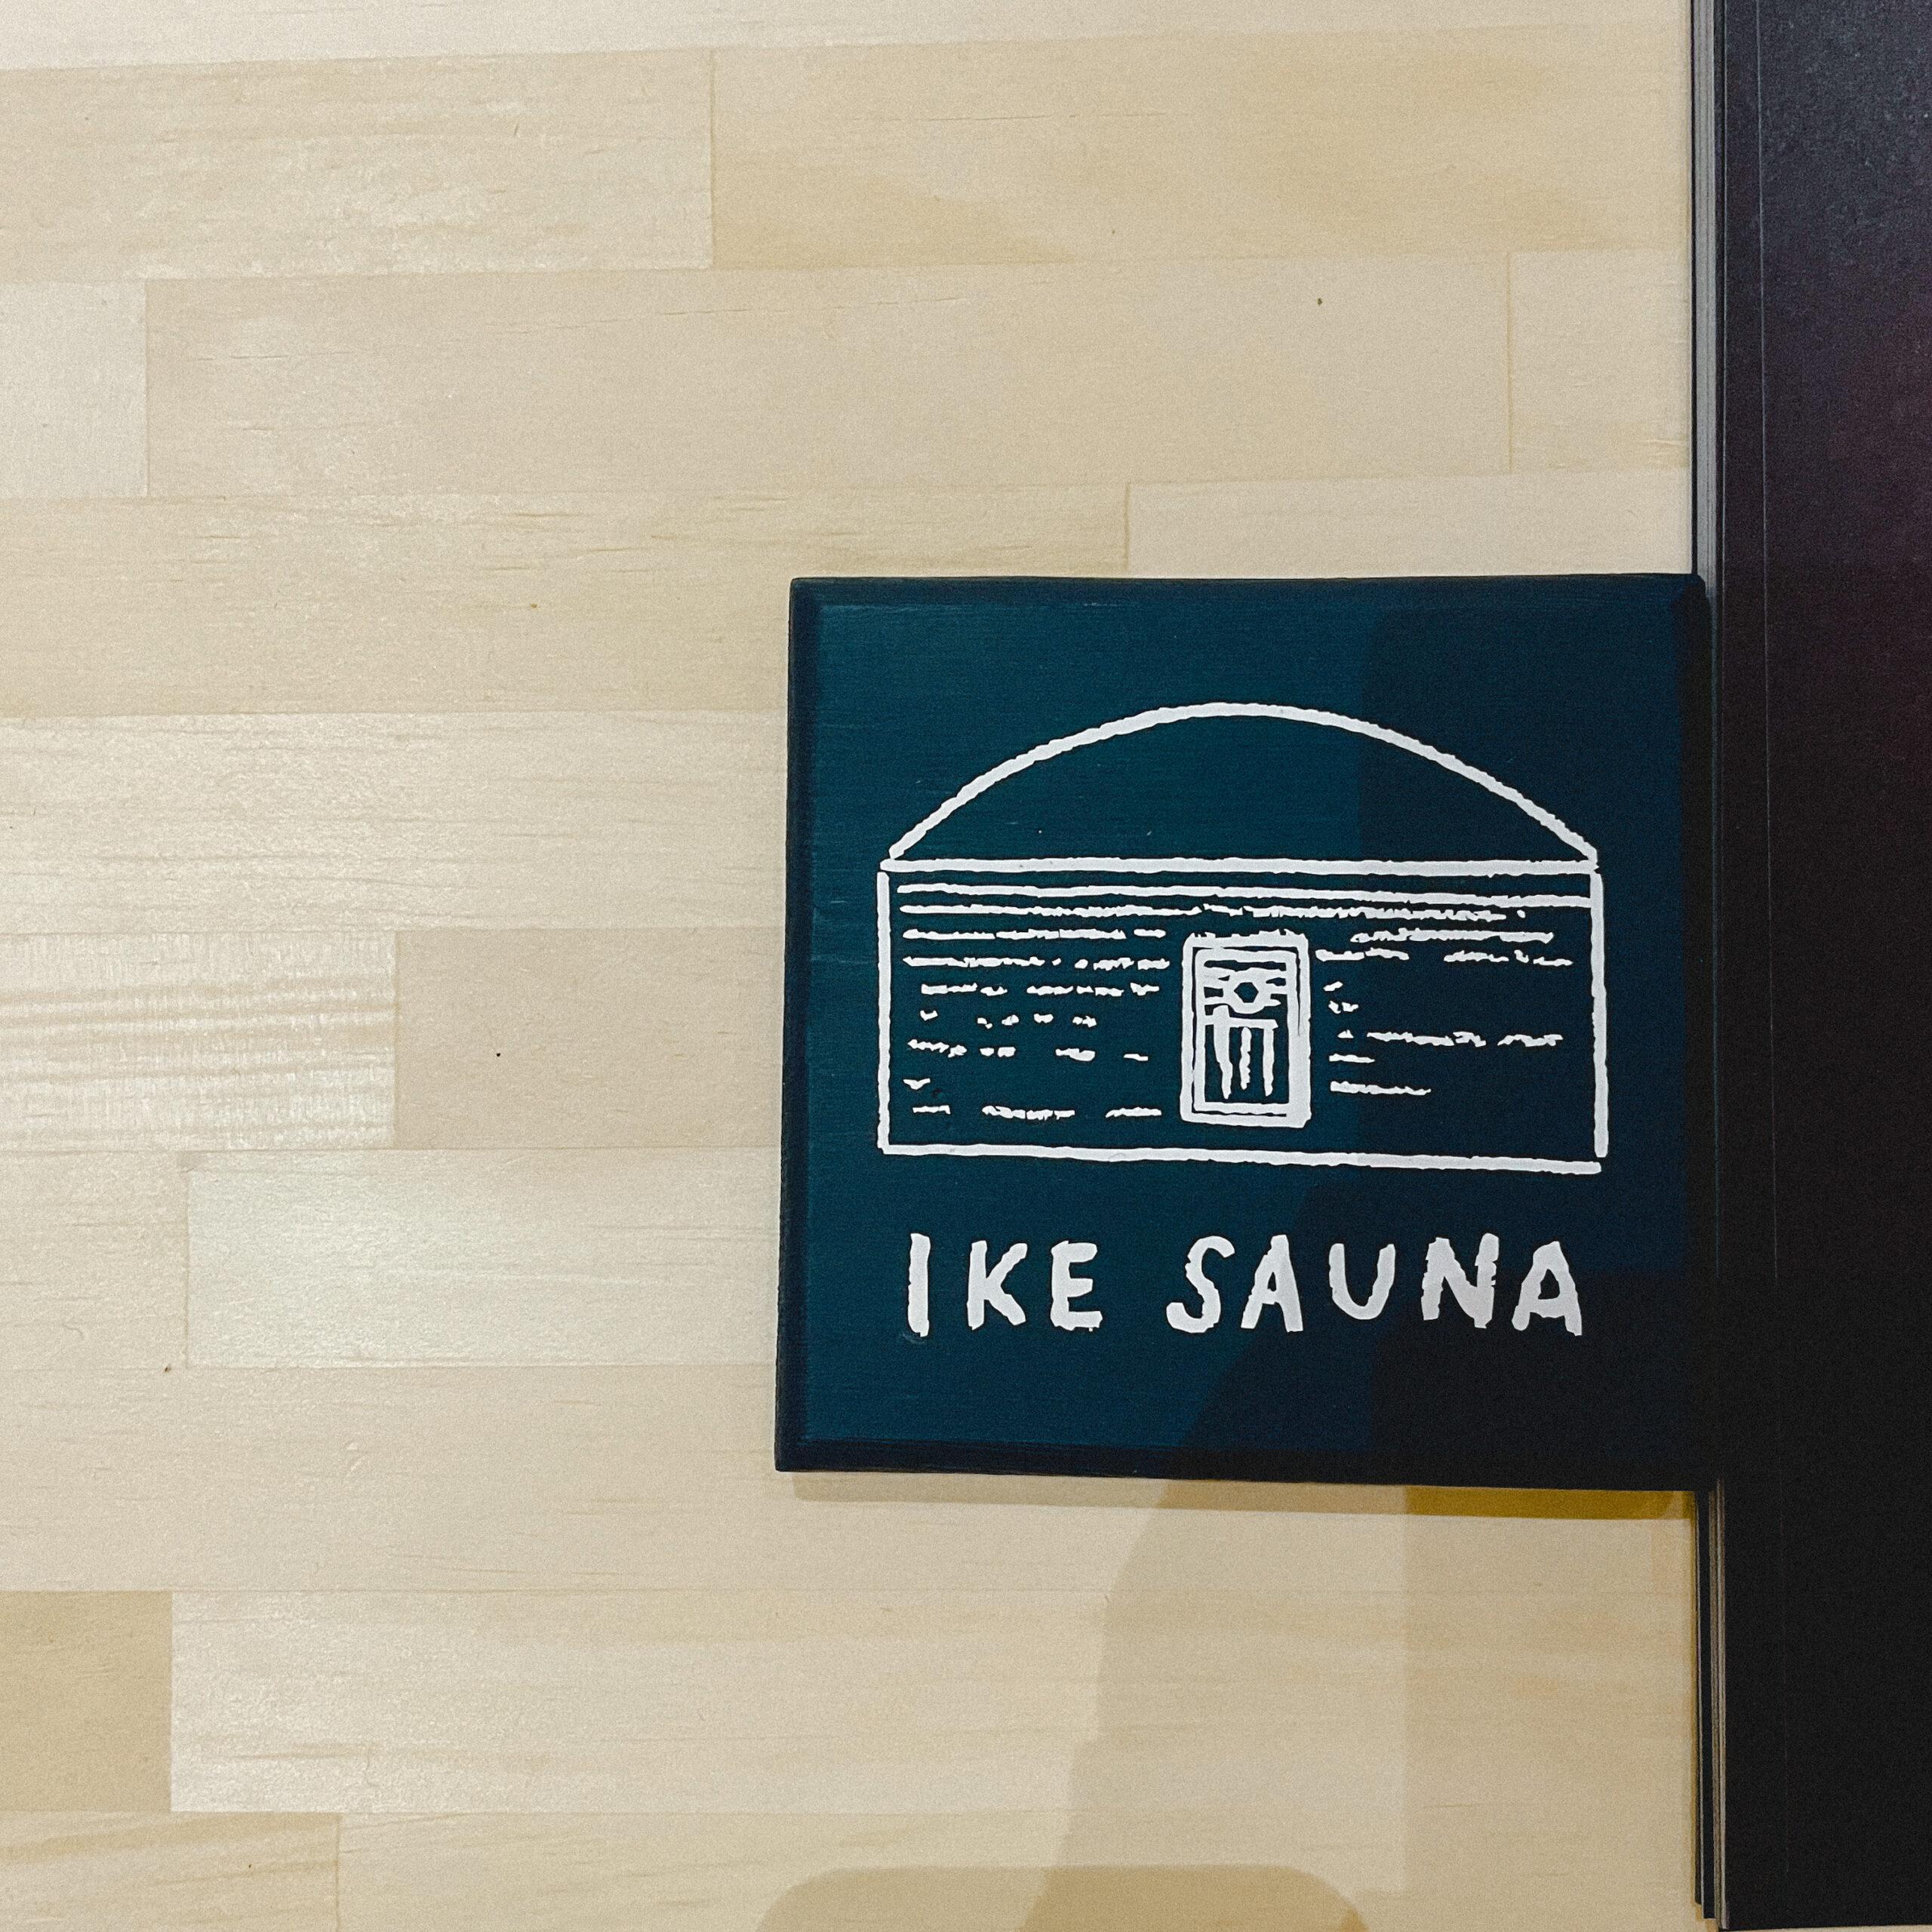 サウナラボ 神田 sauna lab サウナ 初心者 おすすめ 神田ポートビル カフェ コーヒー IKE SAUNA OKE SAUNA ほぼ日の学校 コーヒー アンカーコーヒー グッズ サウナマーケット サウナ用品 館内 施設 予約 入場 キッチンサウナ ほぼ日